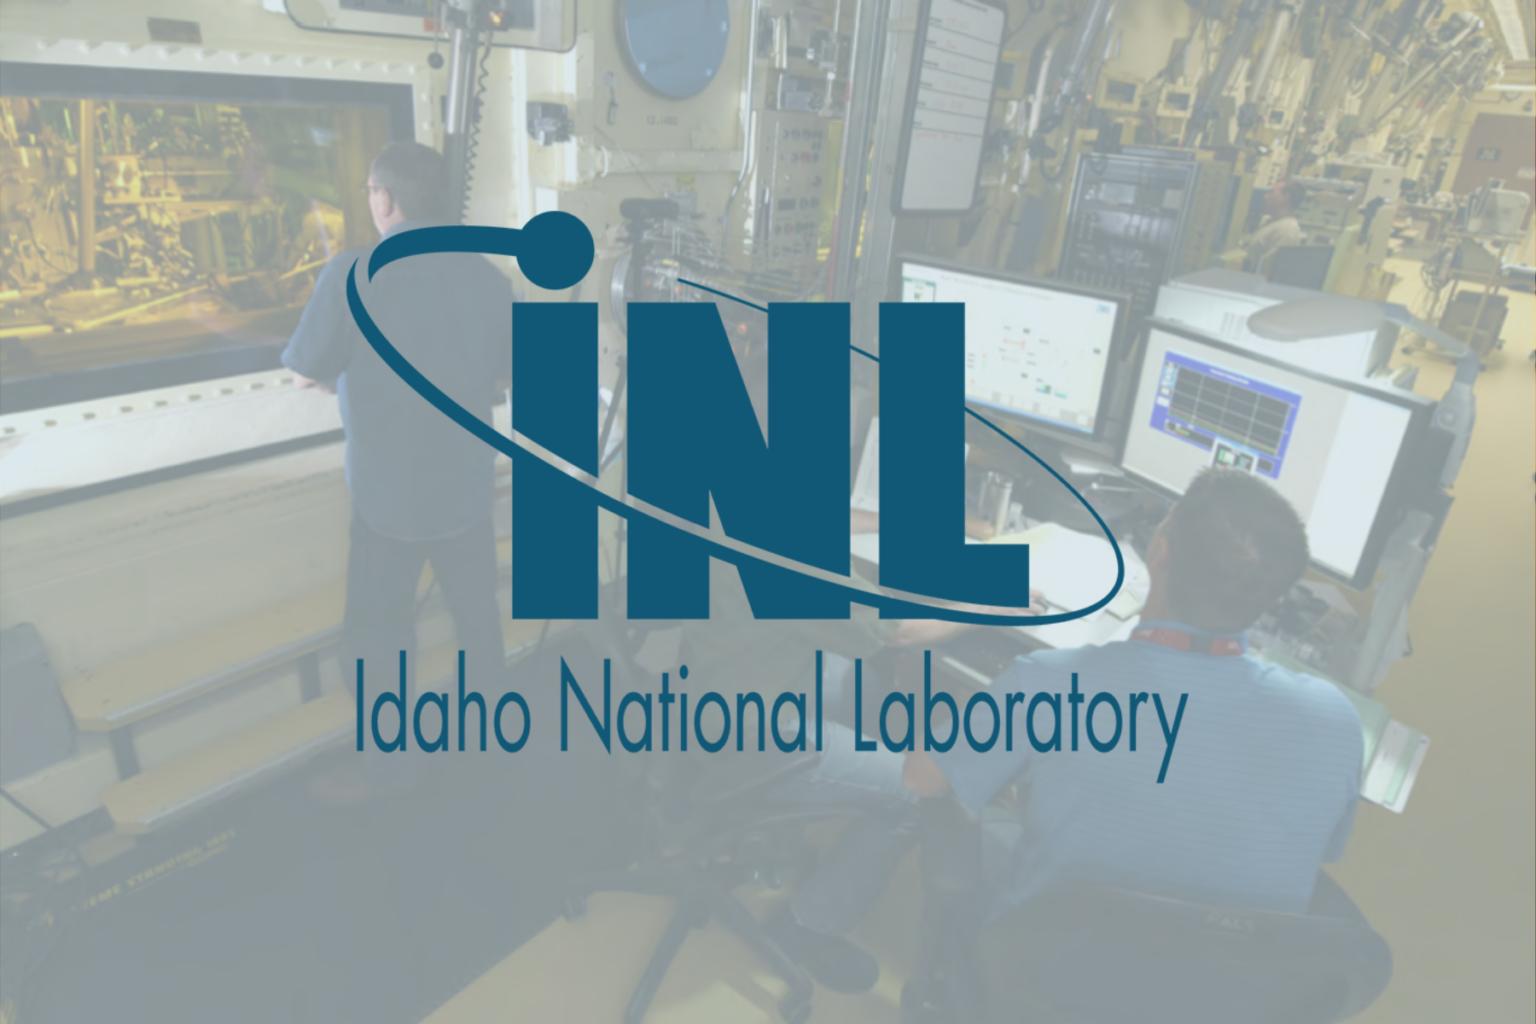 INL-Case-Study-Image-1536x1024-1